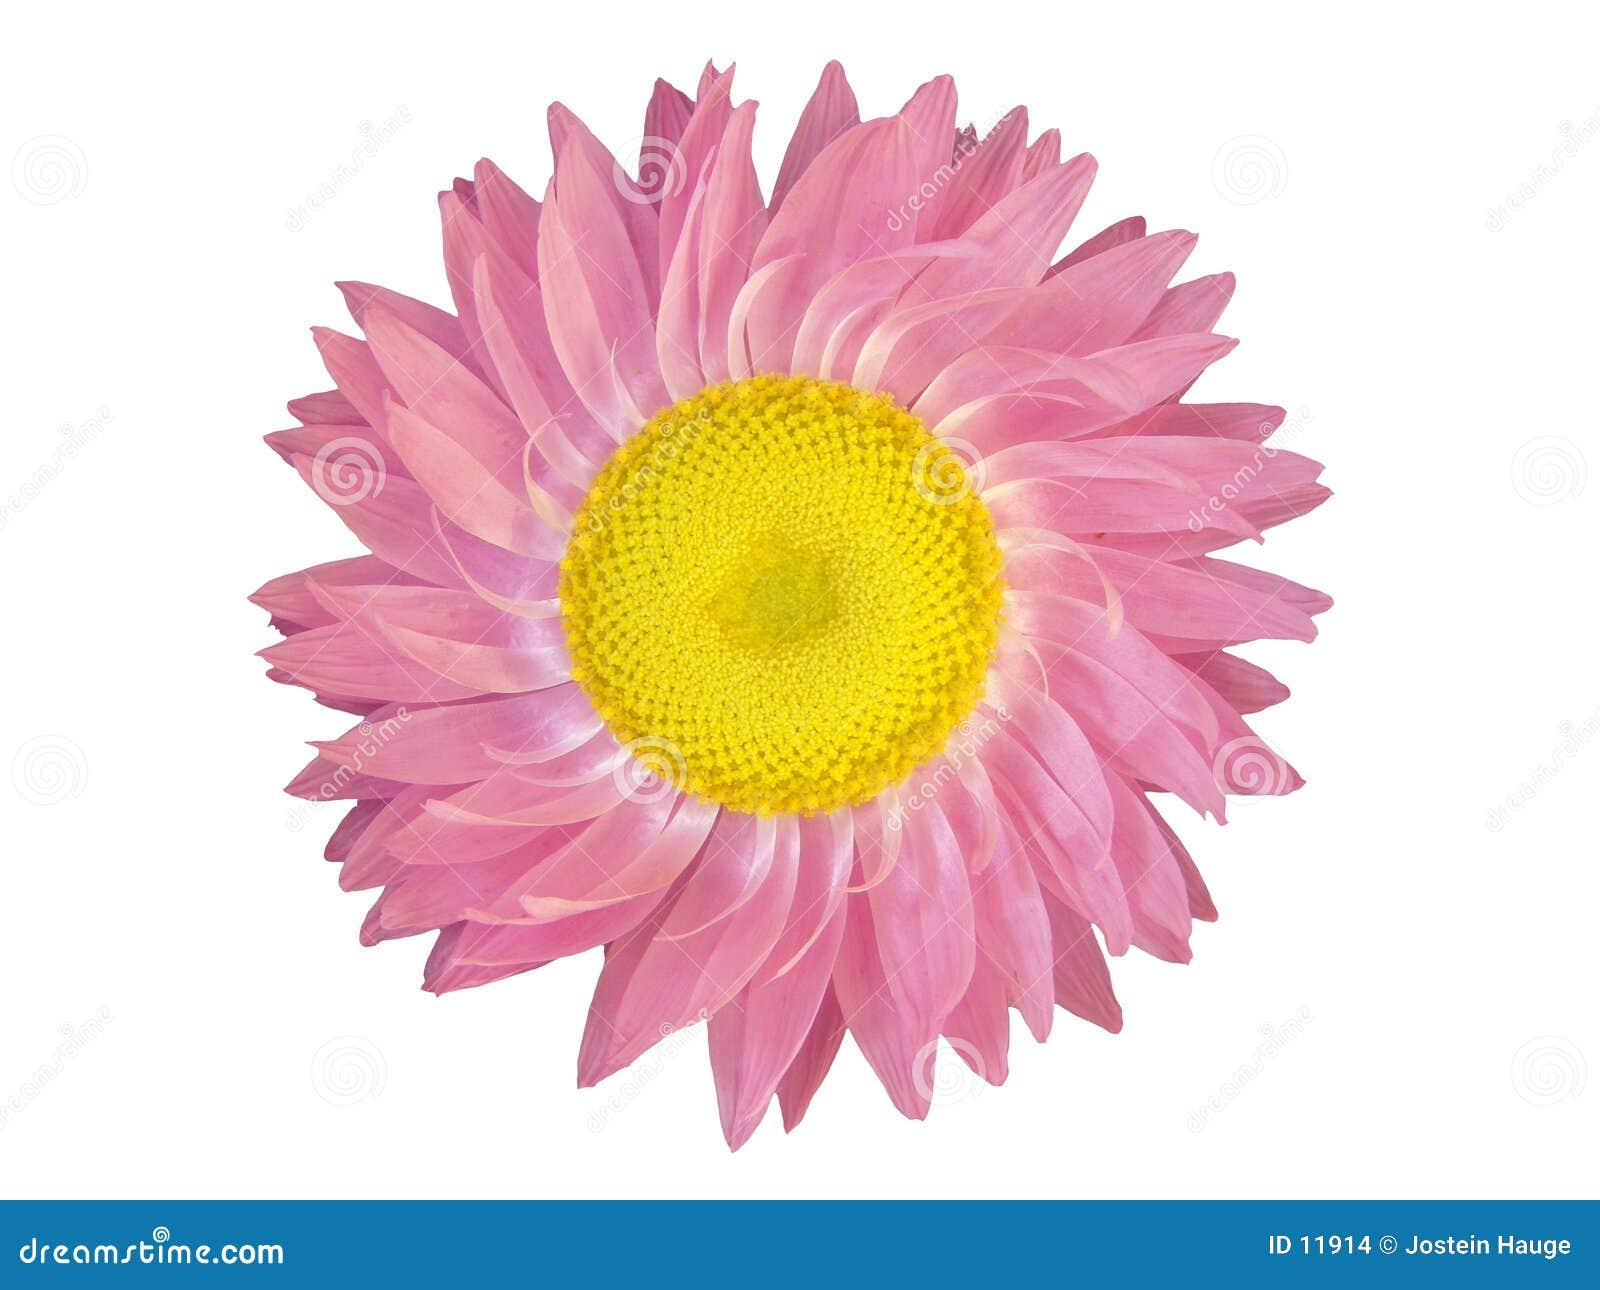 Elementos del diseño: Pista de flor rosada